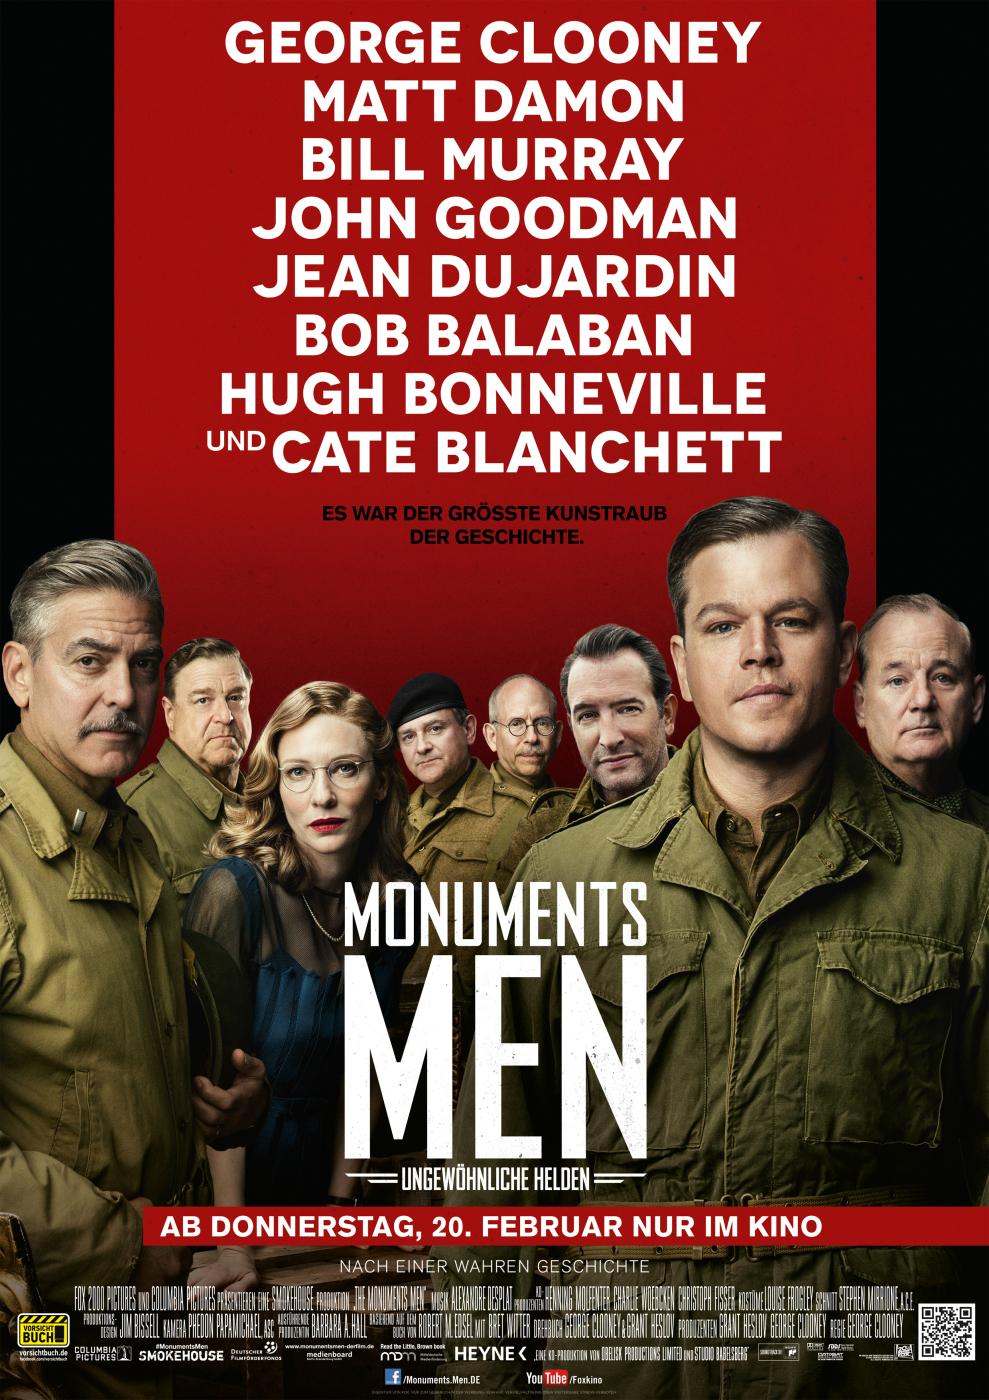 Monuments-Men-poster-2.jpg